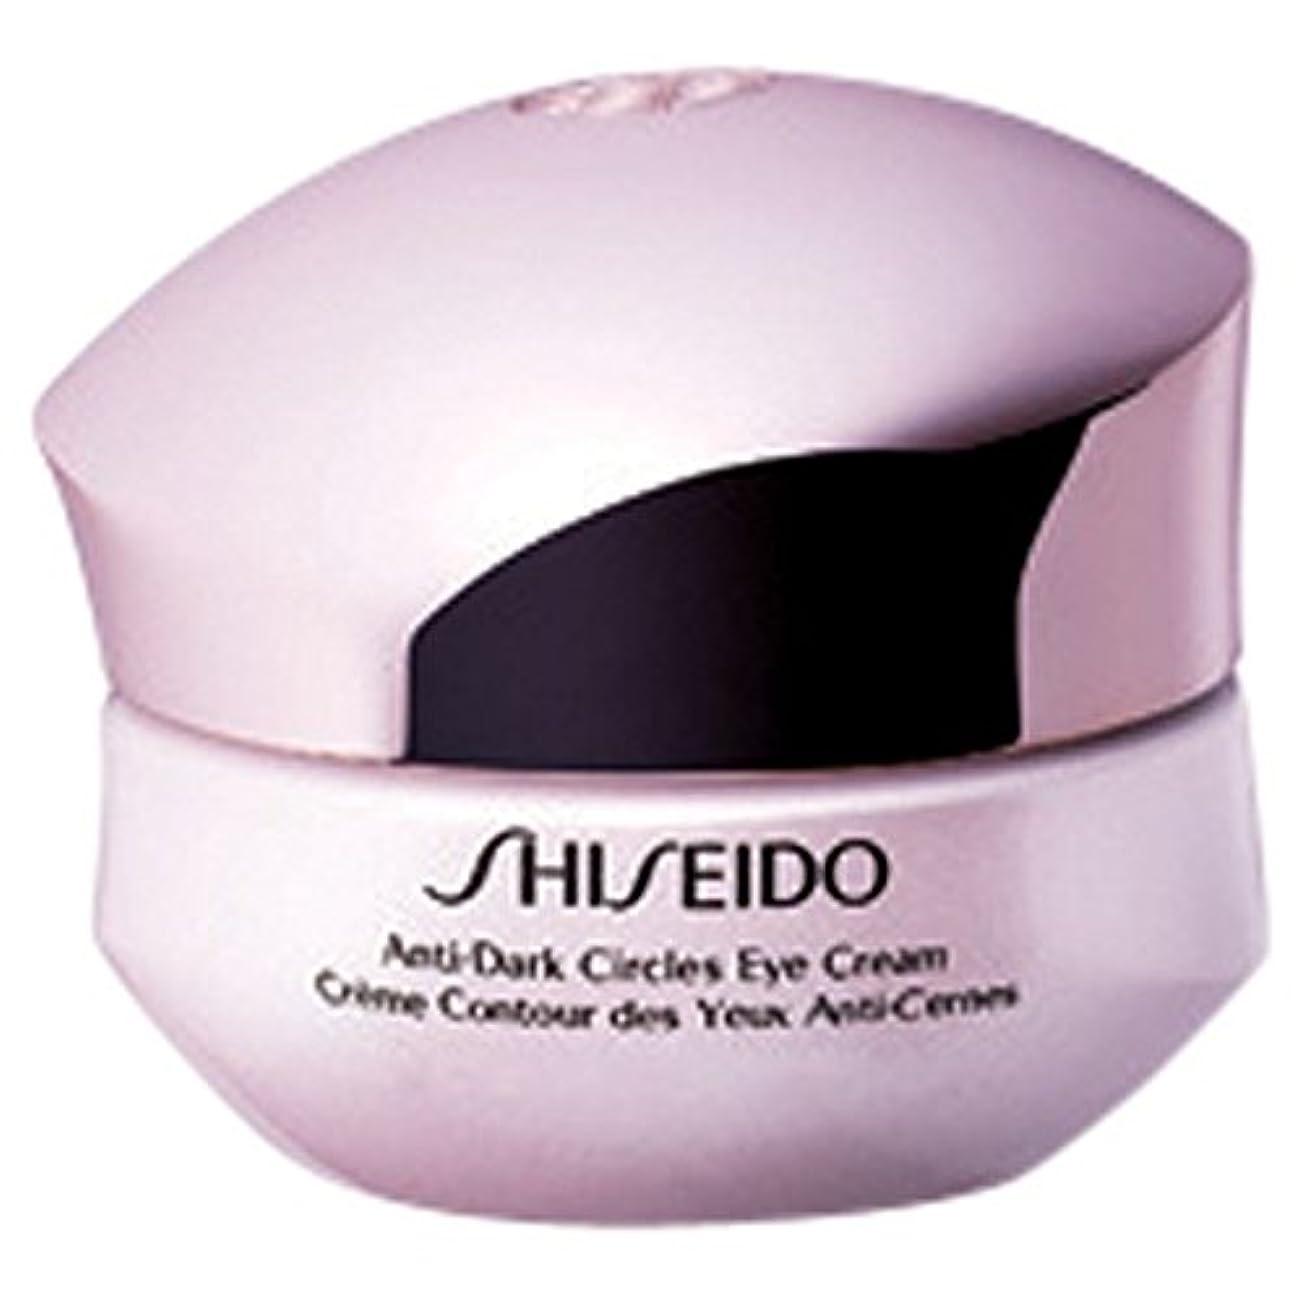 傷つきやすい黒板改修する[Shiseido] 資生堂アンチダークサークルアイクリーム15Ml - Shiseido Anti-Dark Circle Eye Cream 15ml [並行輸入品]